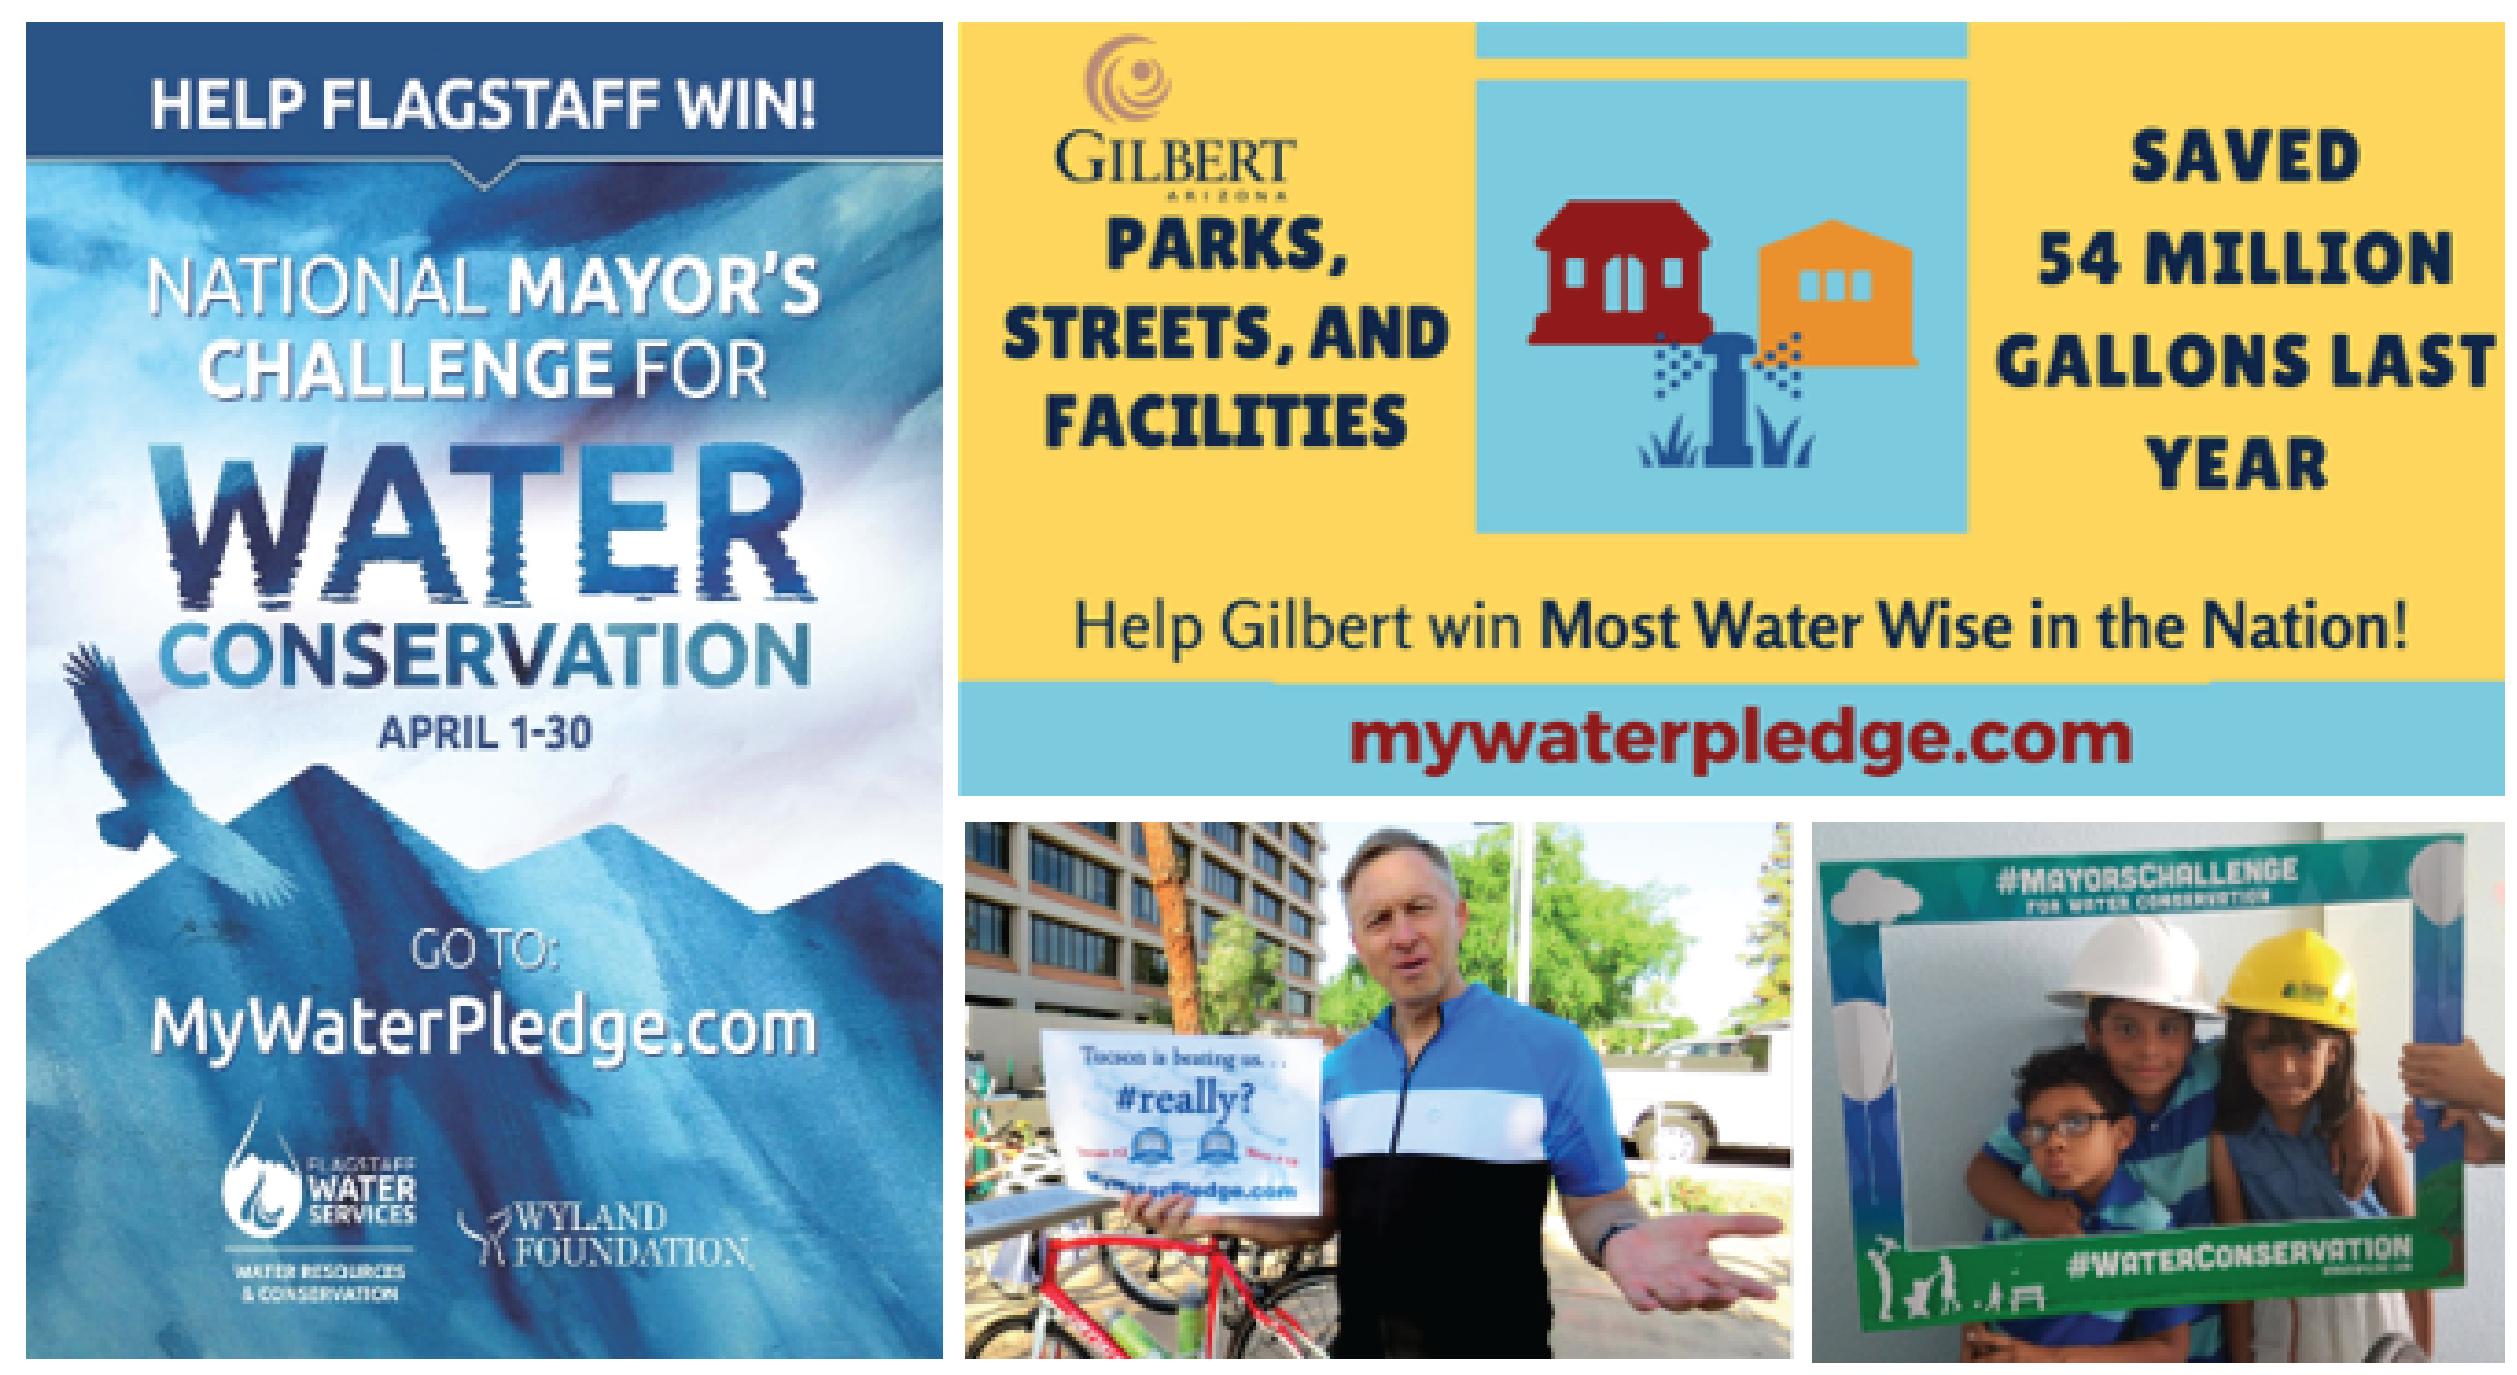 National Mayors Challenge